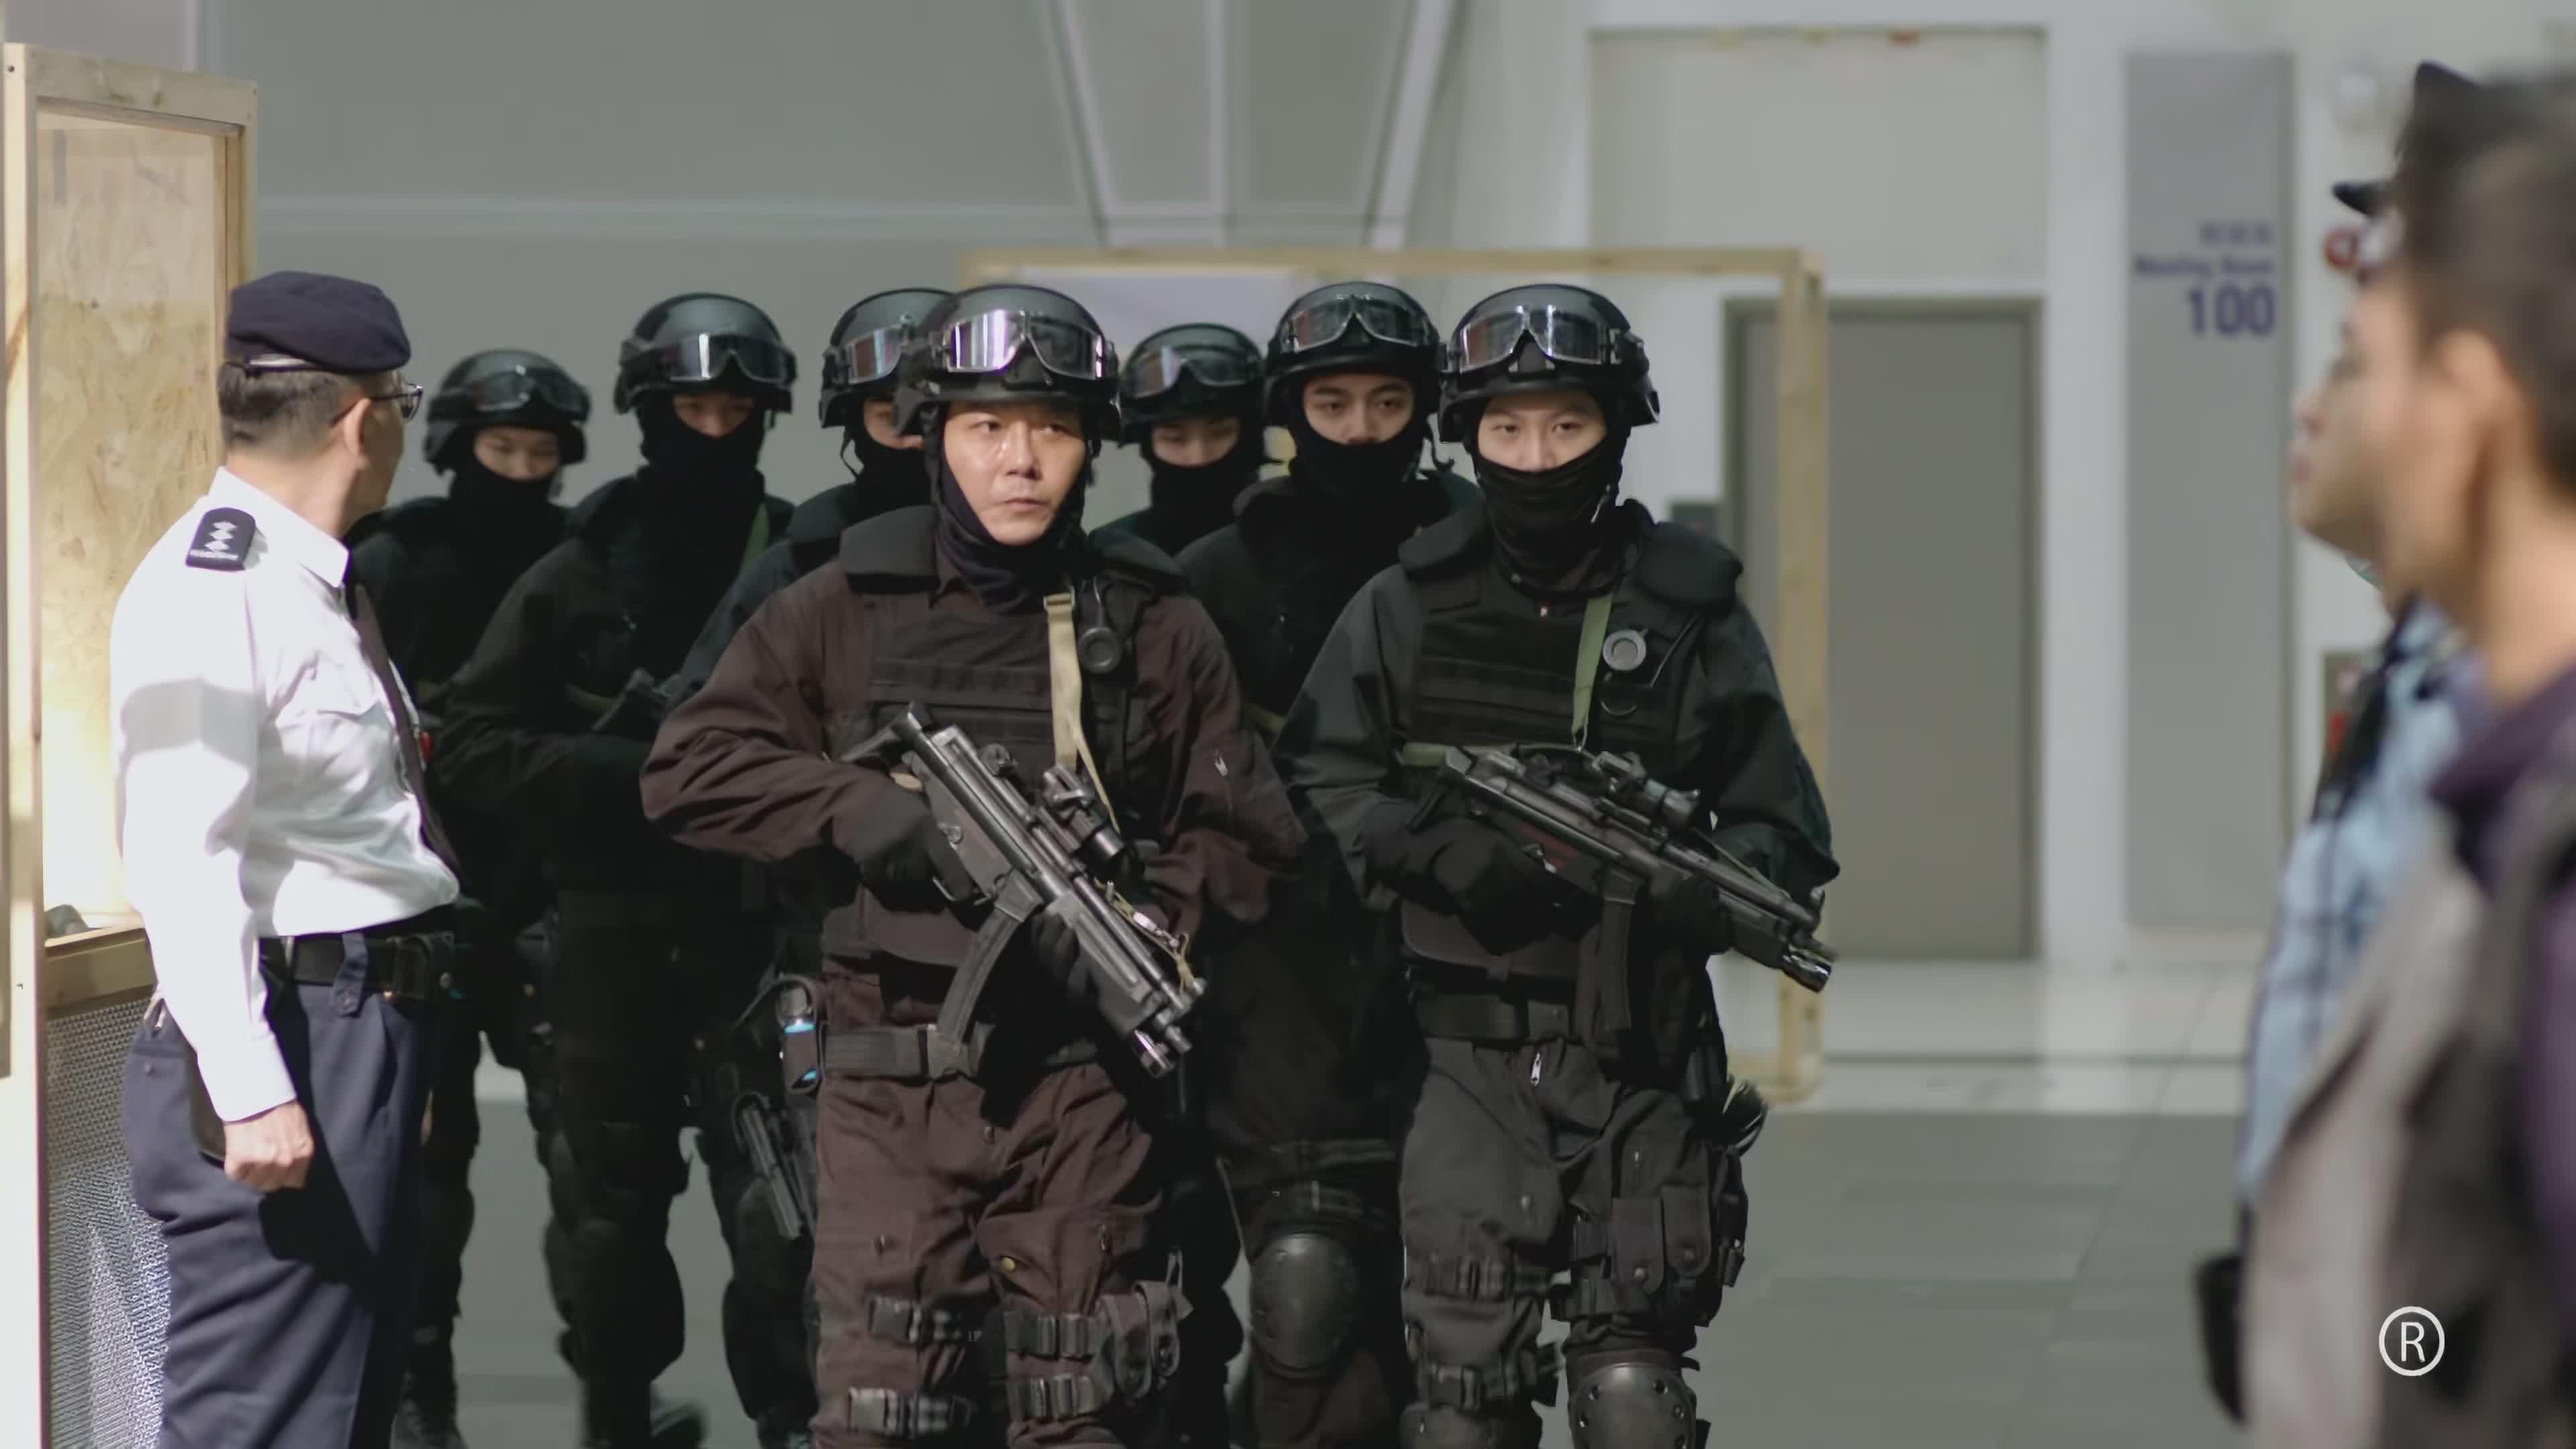 《逆天奇案》首播:第一集飞虎队就被团灭了,紧张刺激悬疑感十足